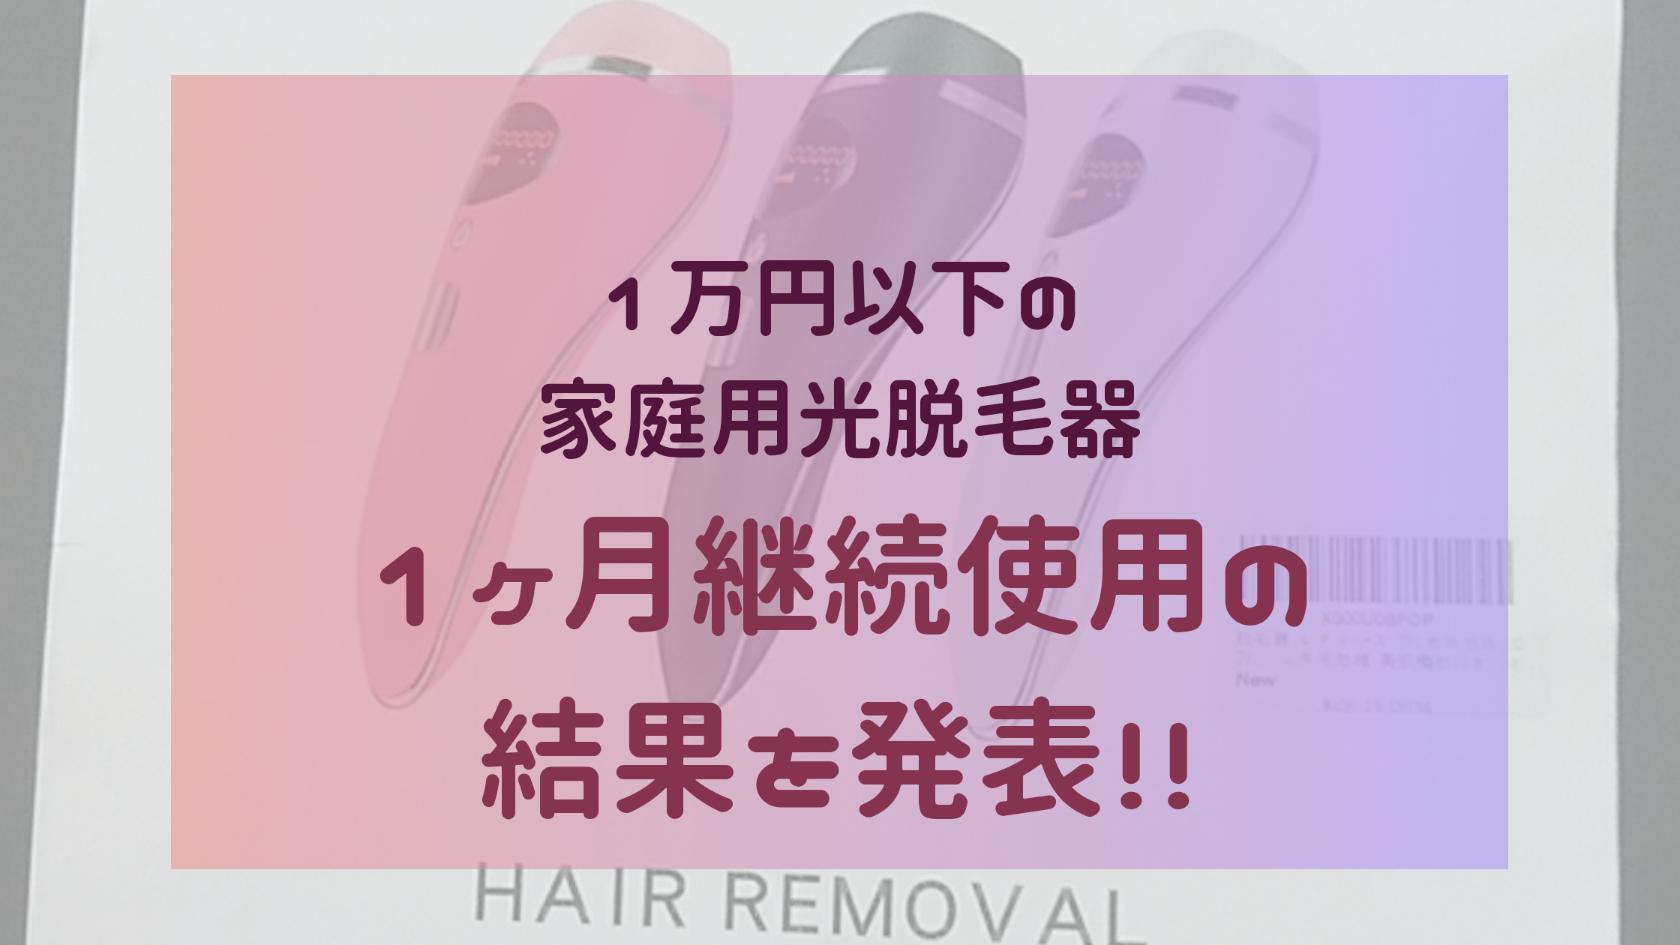 安い 1万円以下 光脱毛器 家庭用 効果 いつから 3ヶ月 YUNDOO